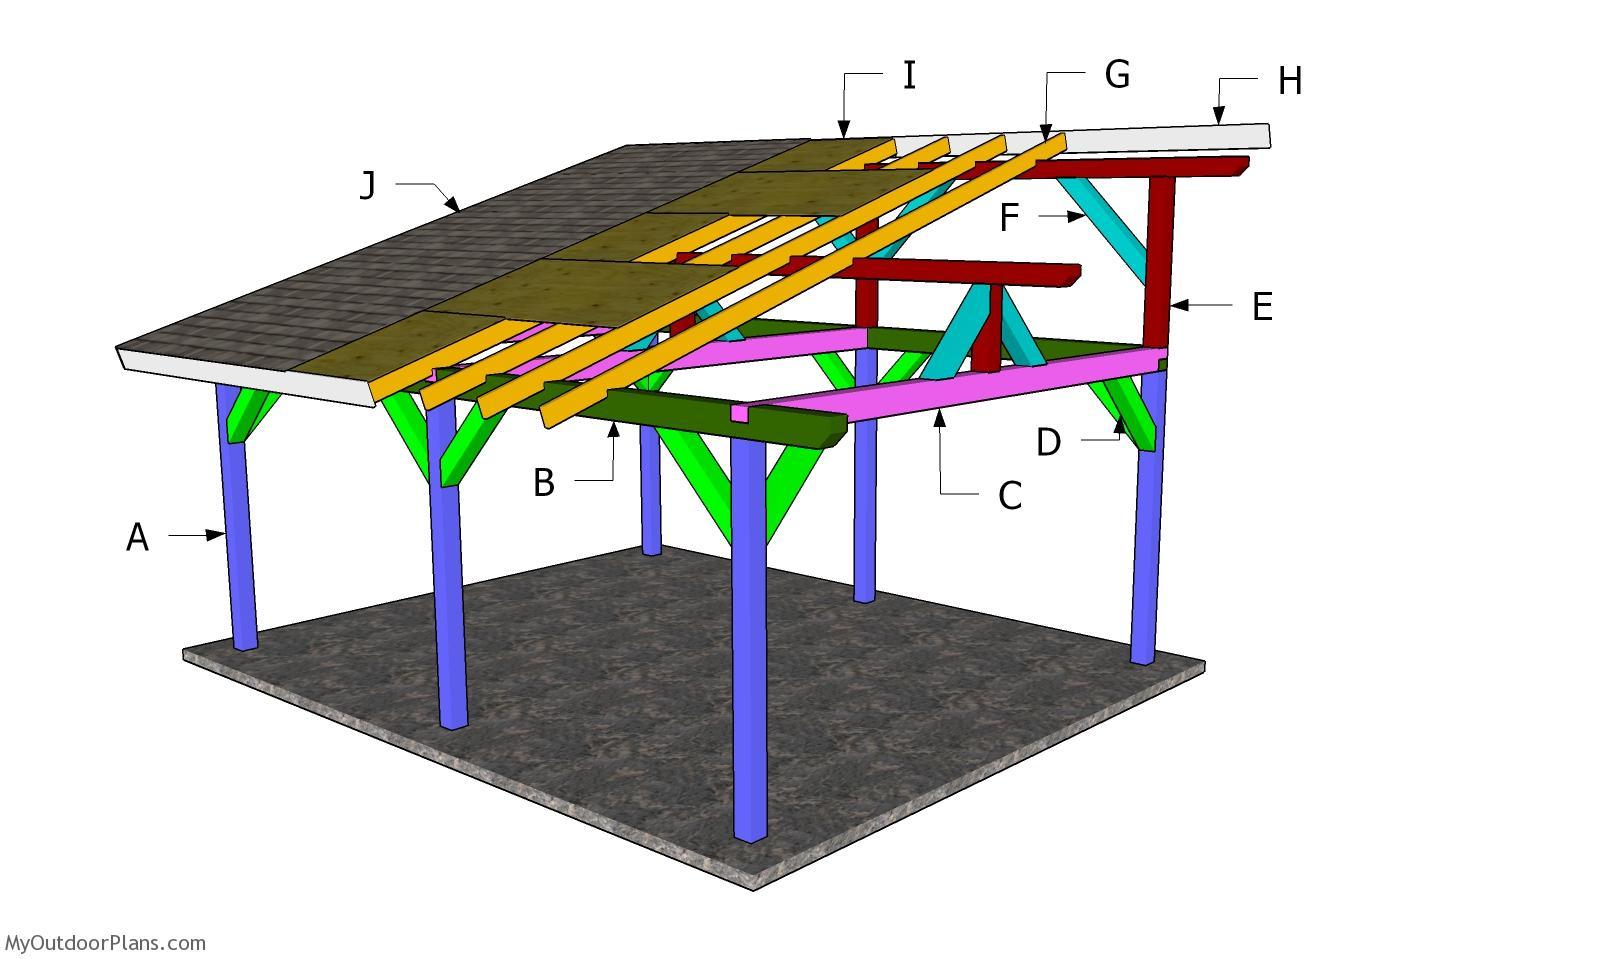 16x18 Lean to Pavilion Roof Plans